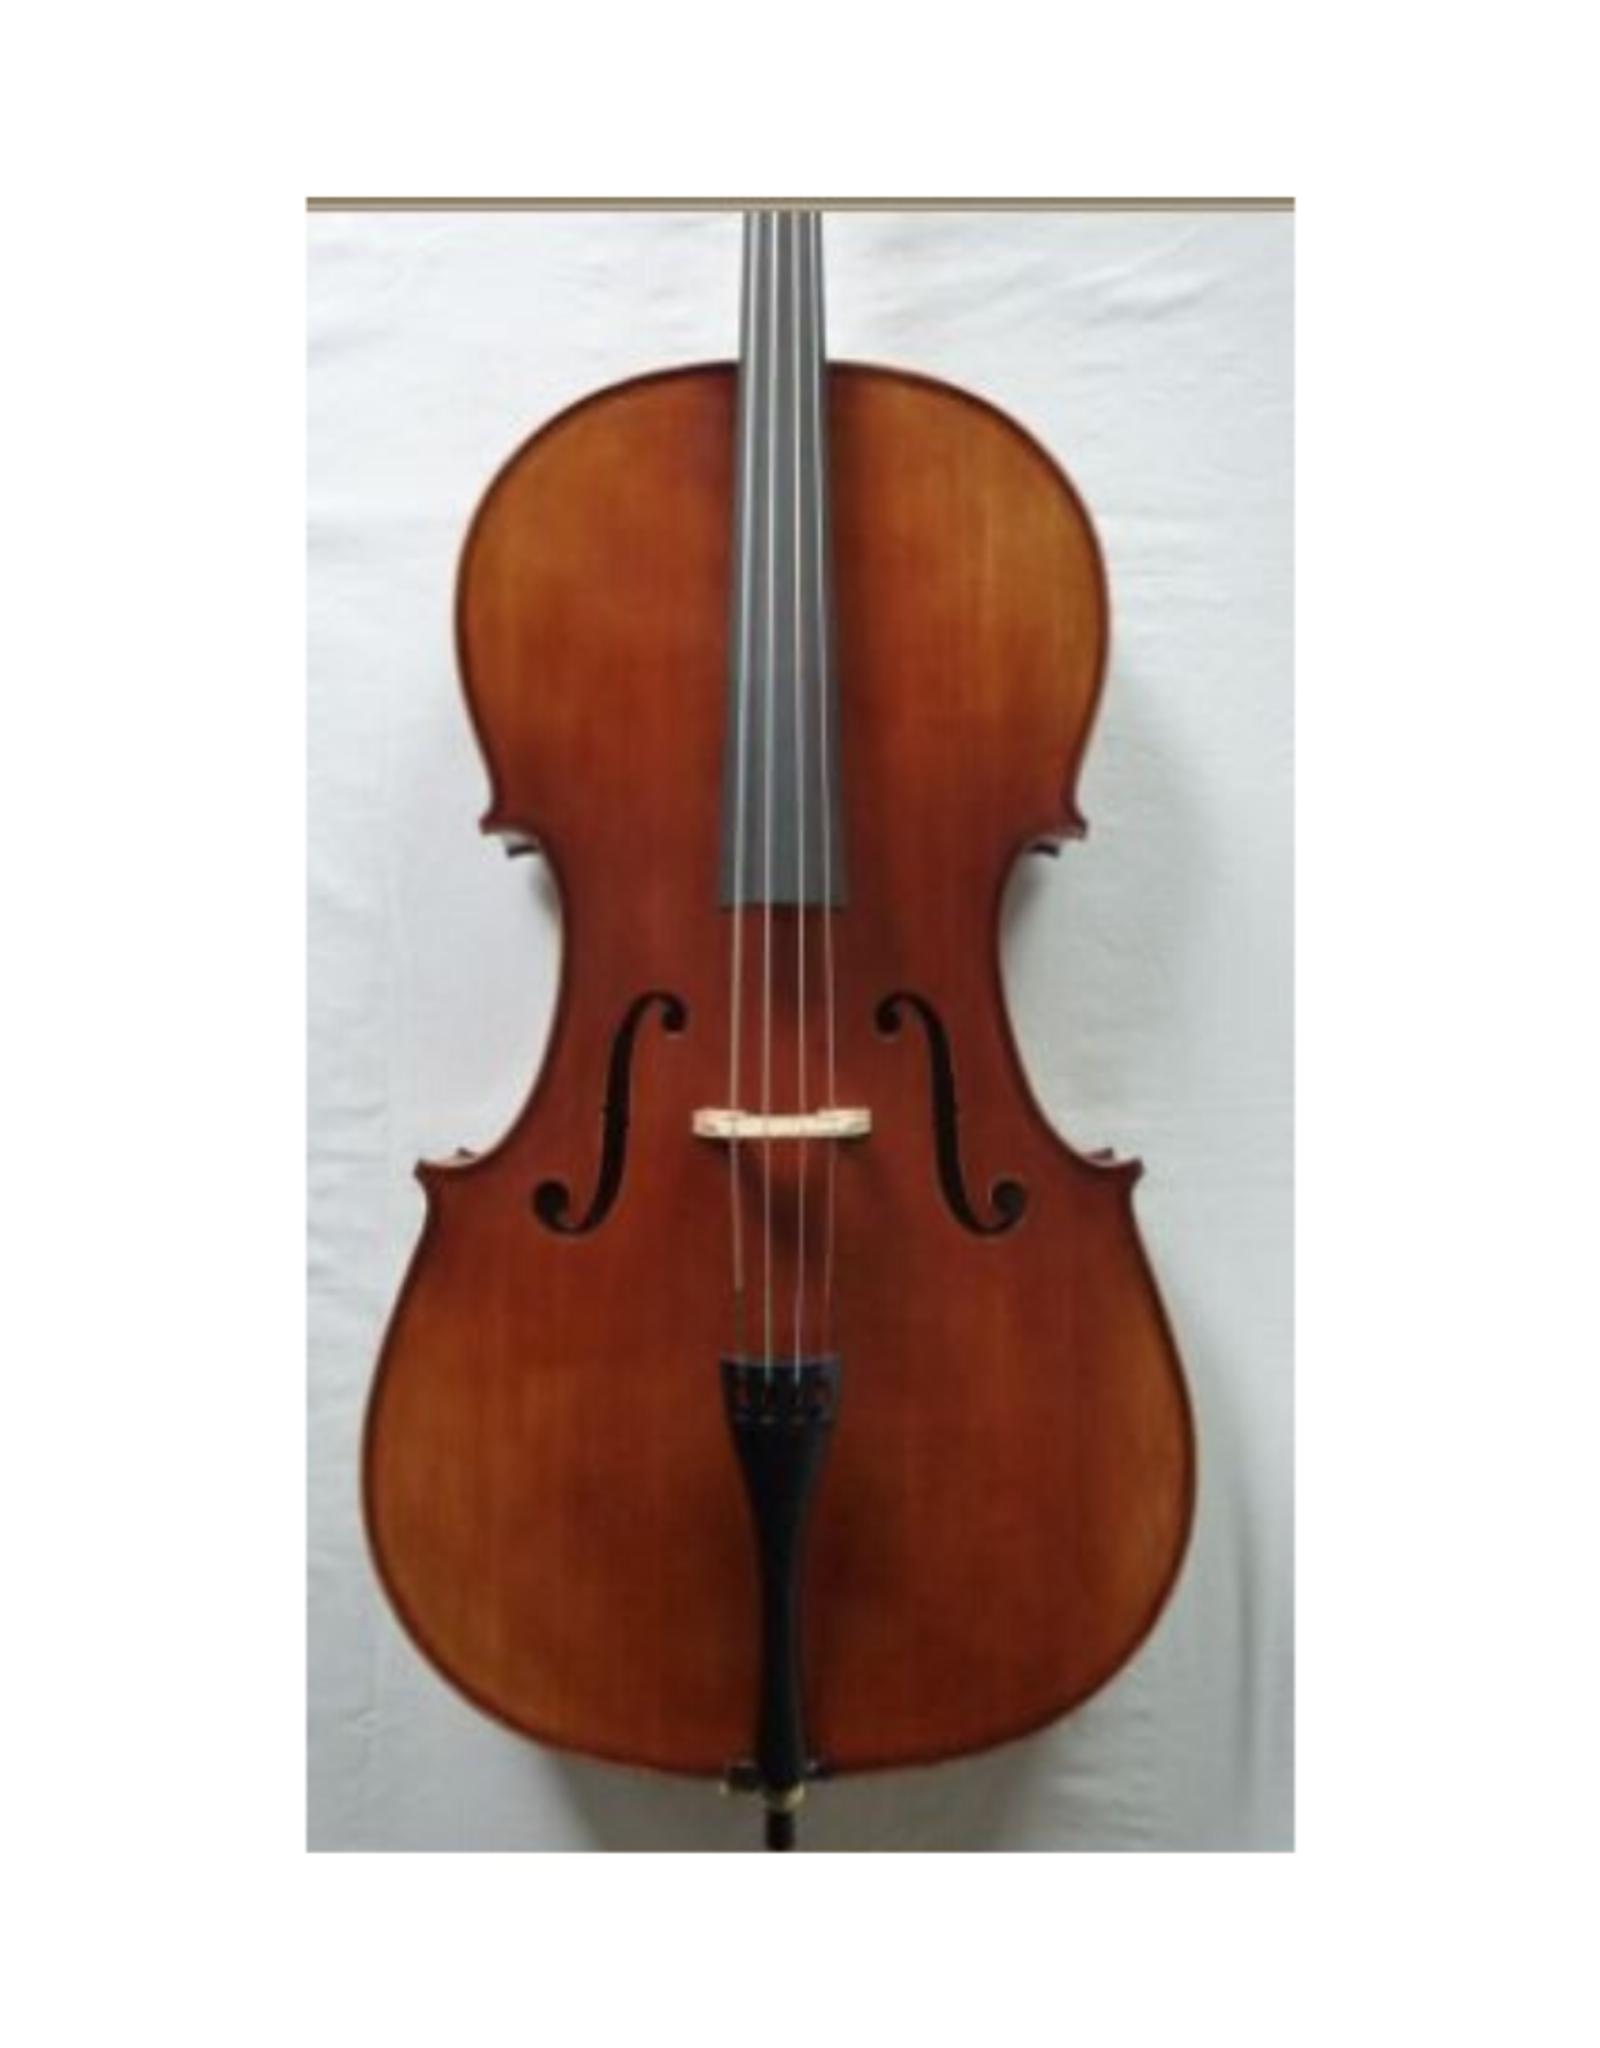 STARTER Sielam 1/4 cello. (set). Massief vuren en esdoorn. Ebben toets ; inclusief degelijke gevoerde tas en kwaliteits-strijkstok (ebben slof, parijs oog)